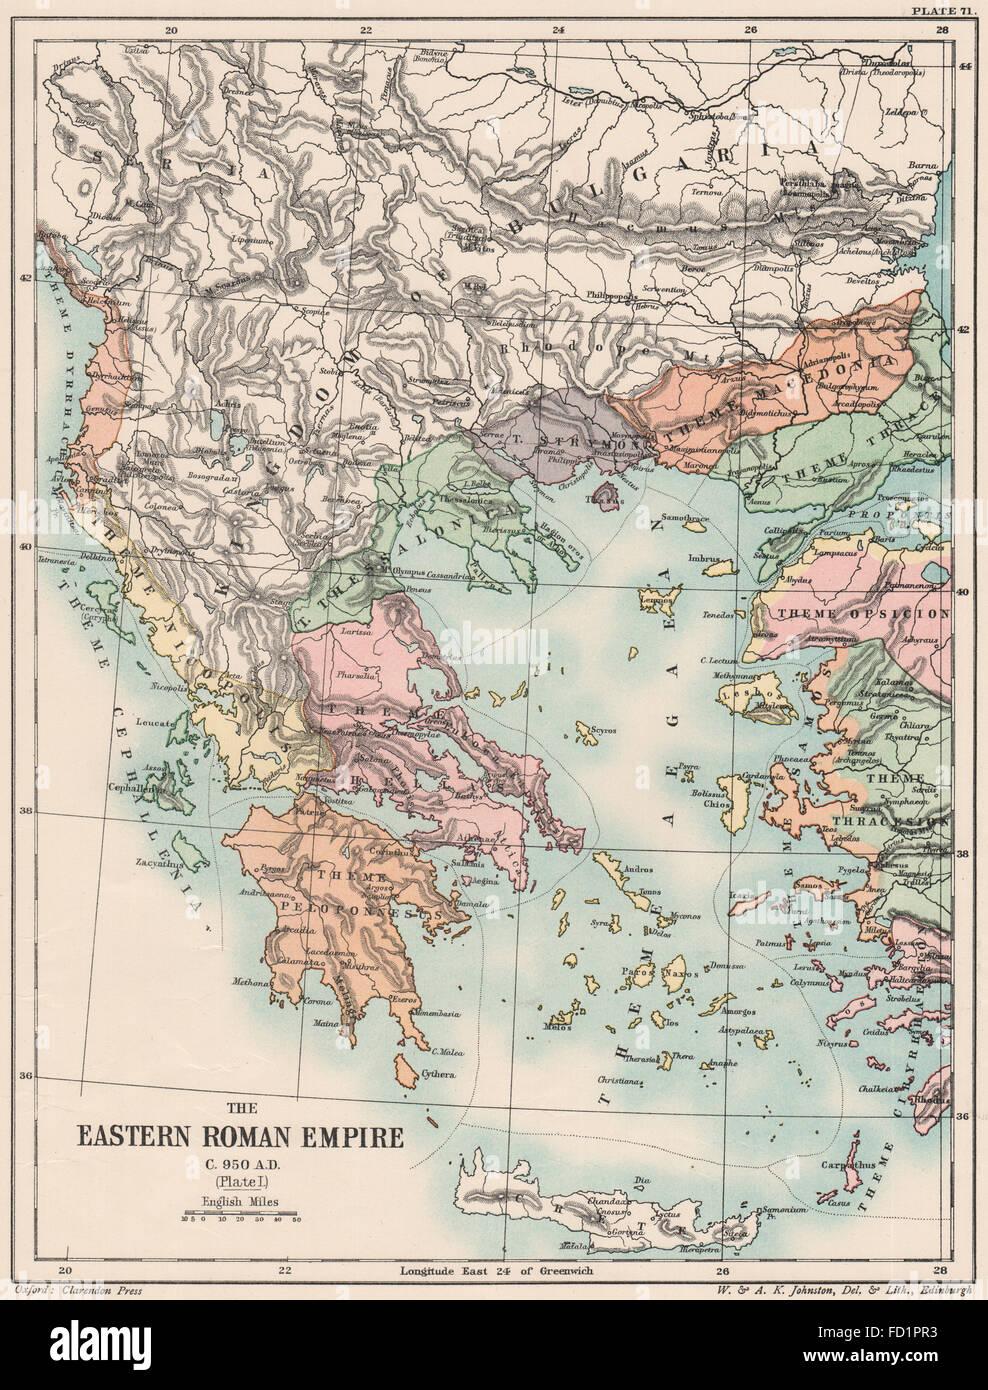 C'est de l'EMPIRE ROMAIN950 Annonce: Empire Byzantin. I. La plaque de la Grèce. Carte 1902 Egée Photo Stock